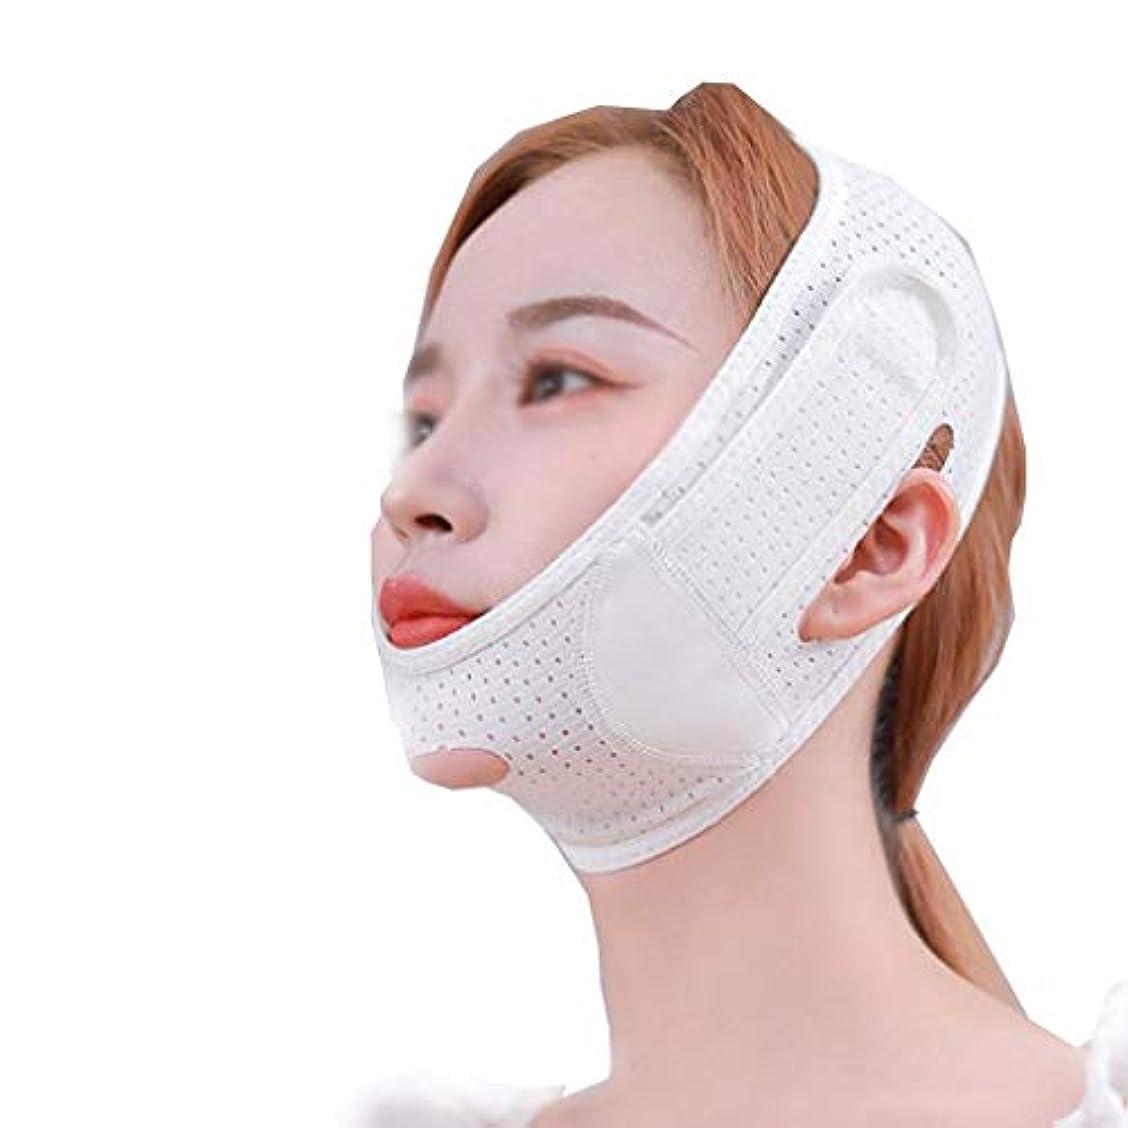 老人絶壁作家ZWBD フェイスマスク, 薄い顔のステッカーアーティファクトの包帯は小さい二重顎の法令のマスクを固める小さいVの表面を引っ張ります